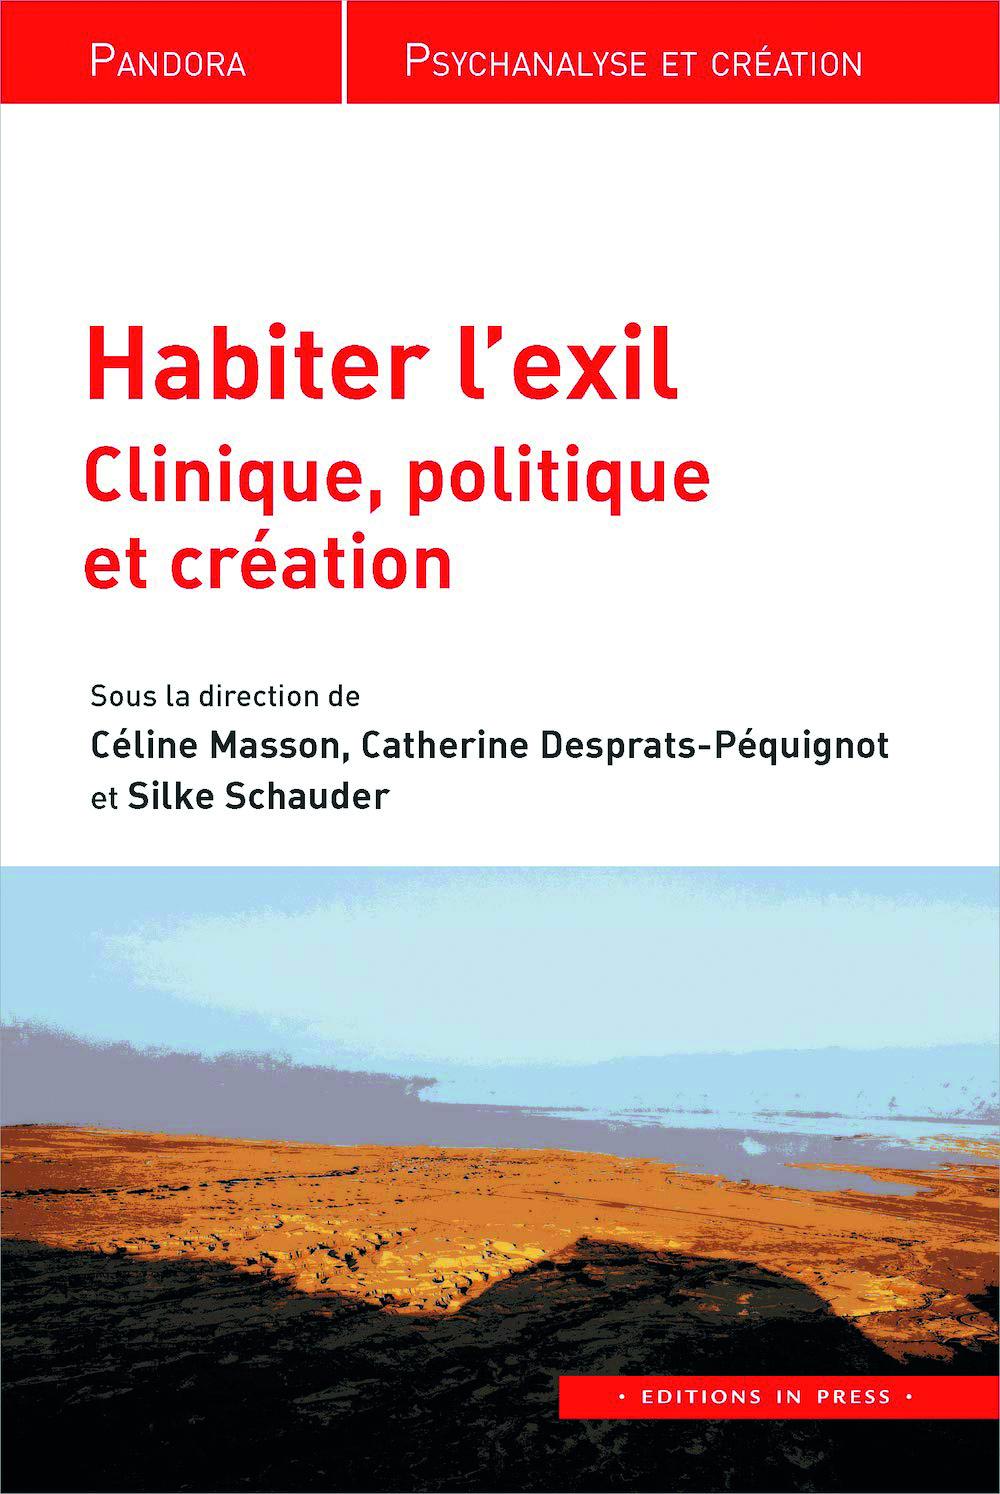 Habiter l'exil. Clinique, politique et création